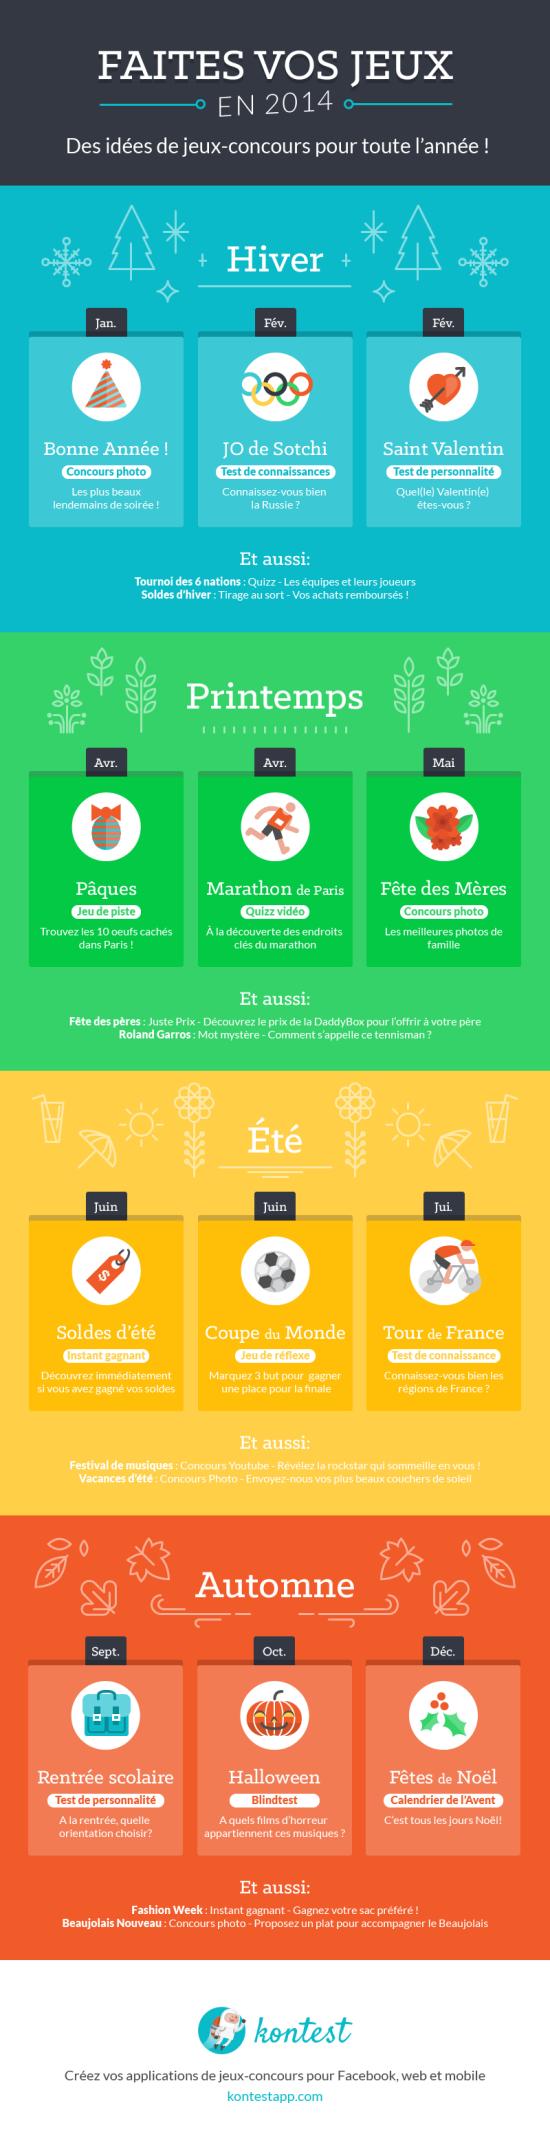 12 Idees De Jeux Concours Pour Les Community Managers En 2014 Bdm